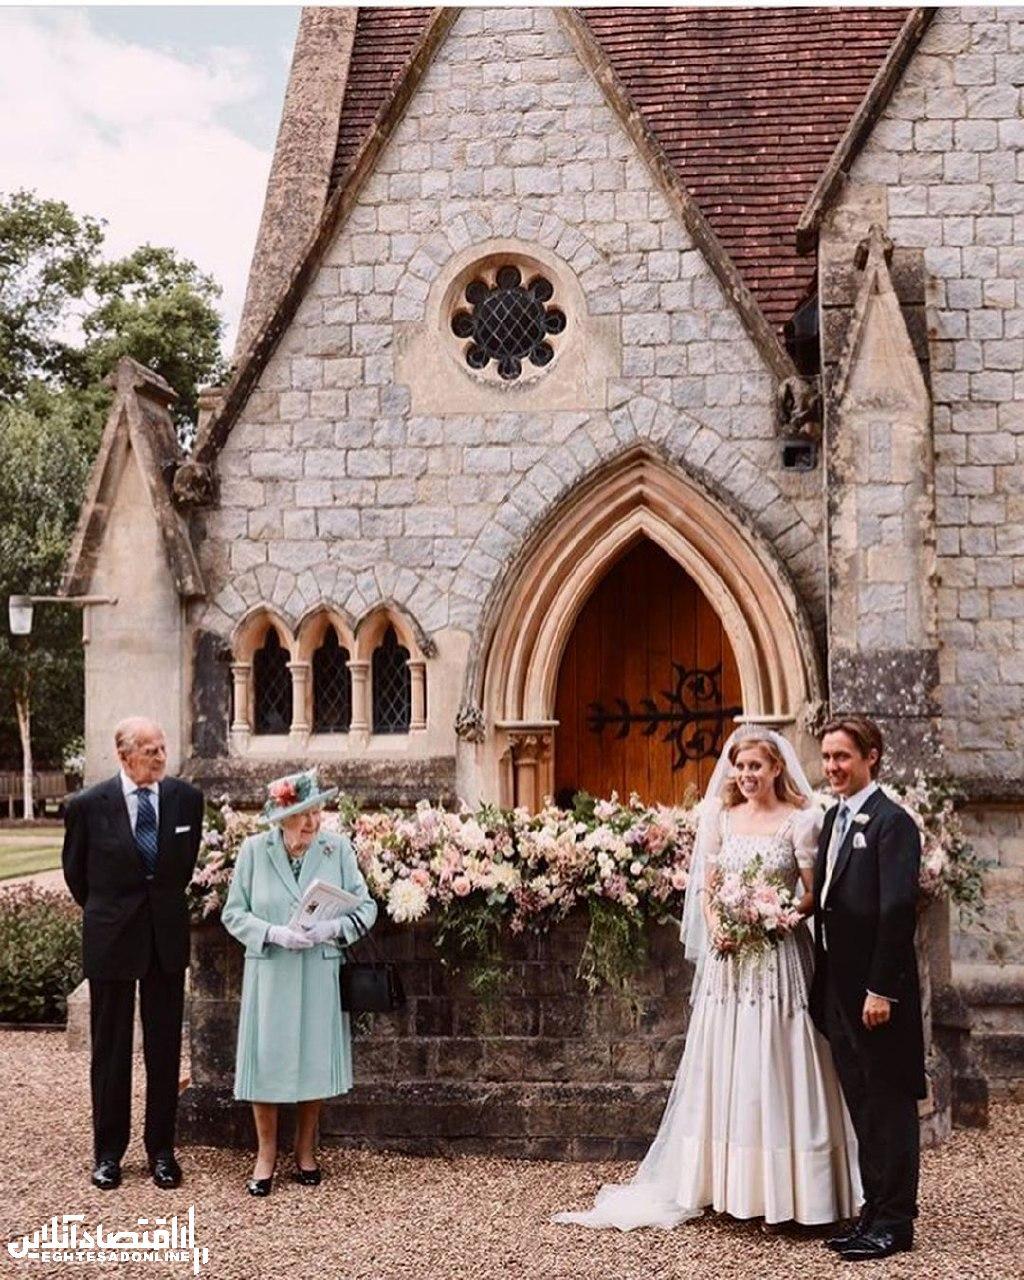 عروسی پرنسس بئاتریس مراسم ازدواج پرنسس بئاتریس